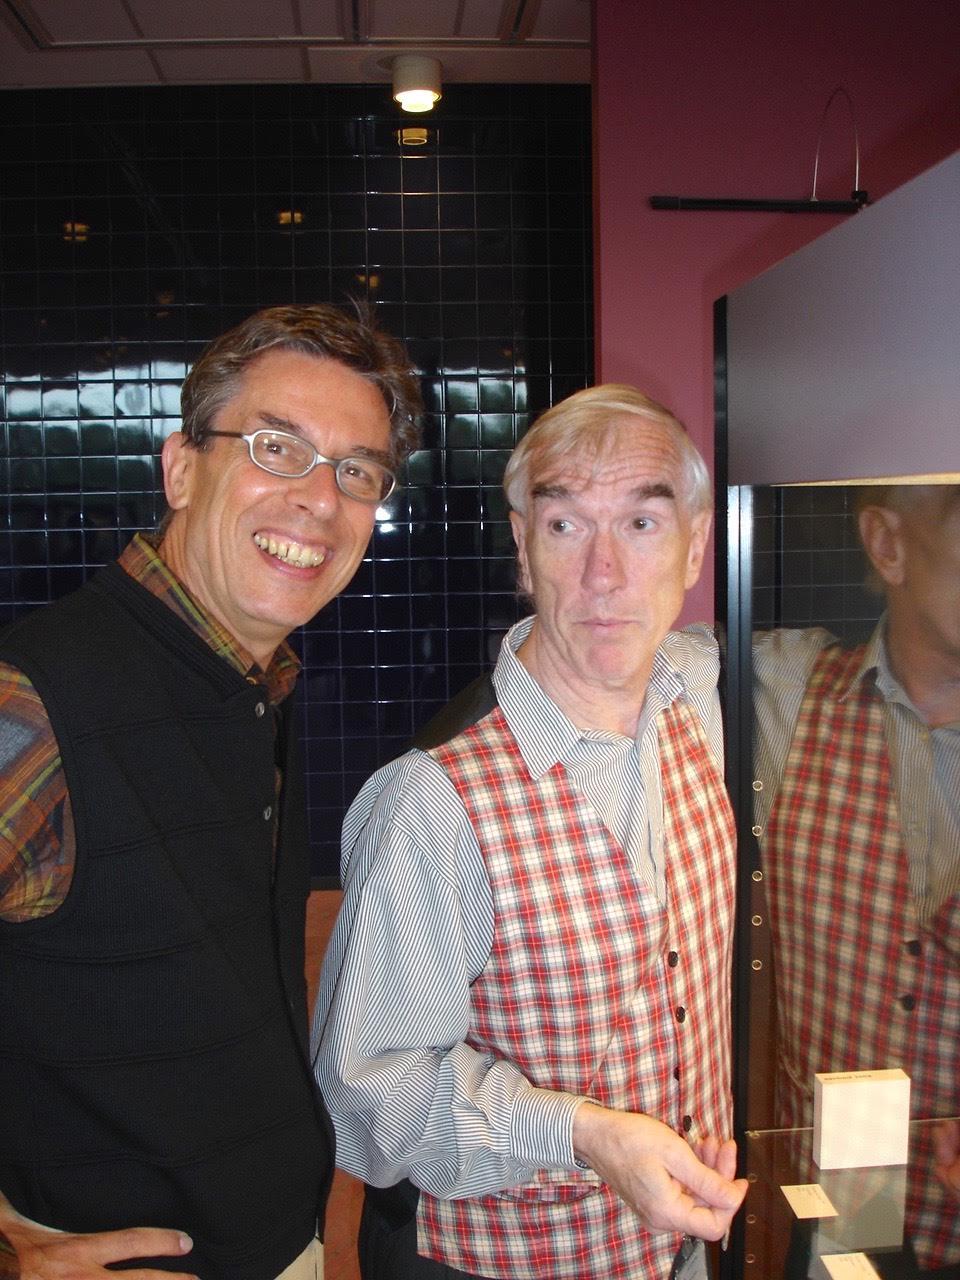 Rob Koudijs en Jurriaan van den Berg in de Nederlandsche Bank, 19 september 2006. Foto met dank aan Rob Koudijs©